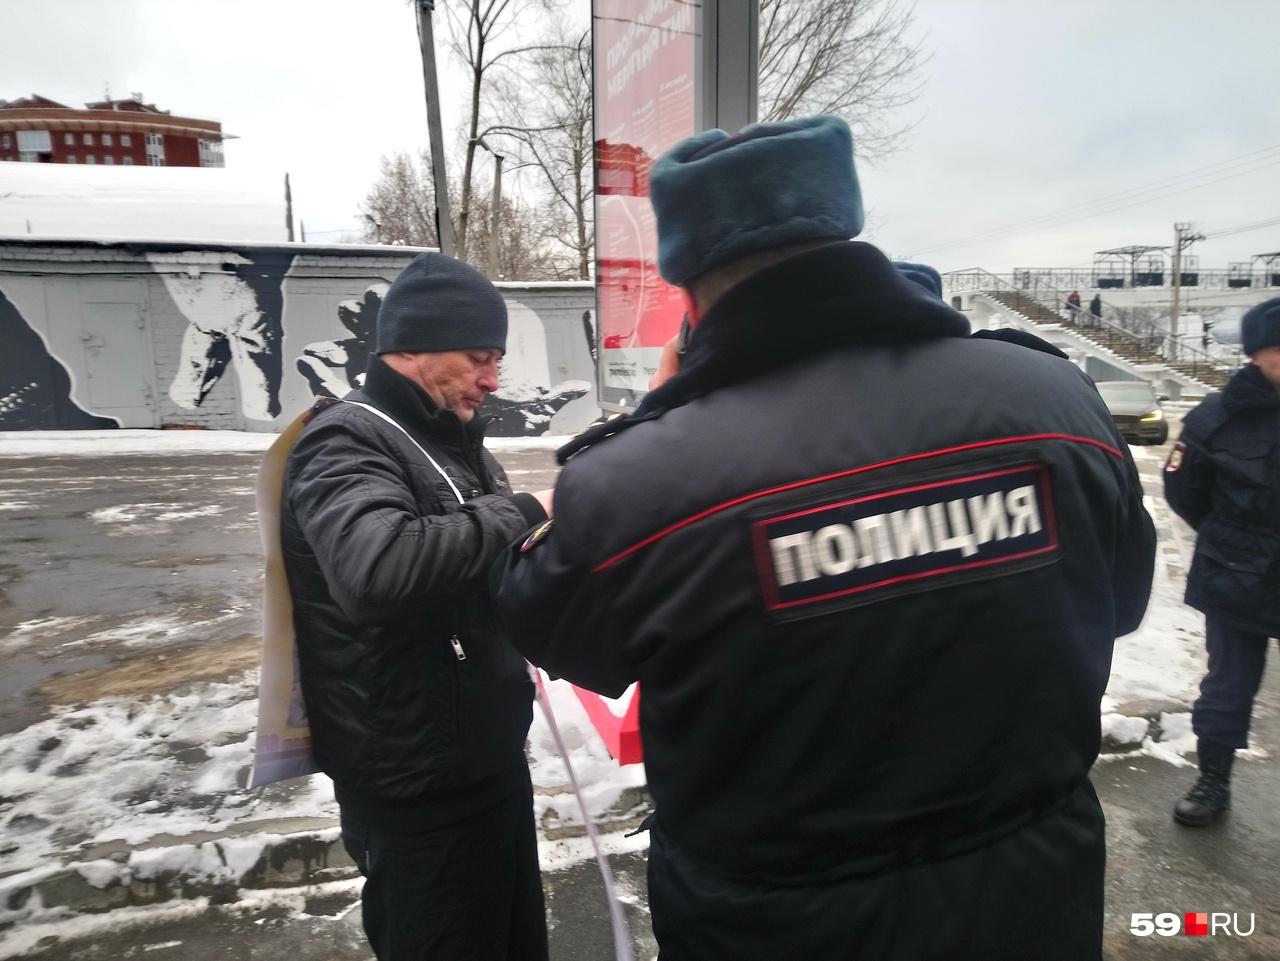 Полиция сразу проверила документы у пикетчика